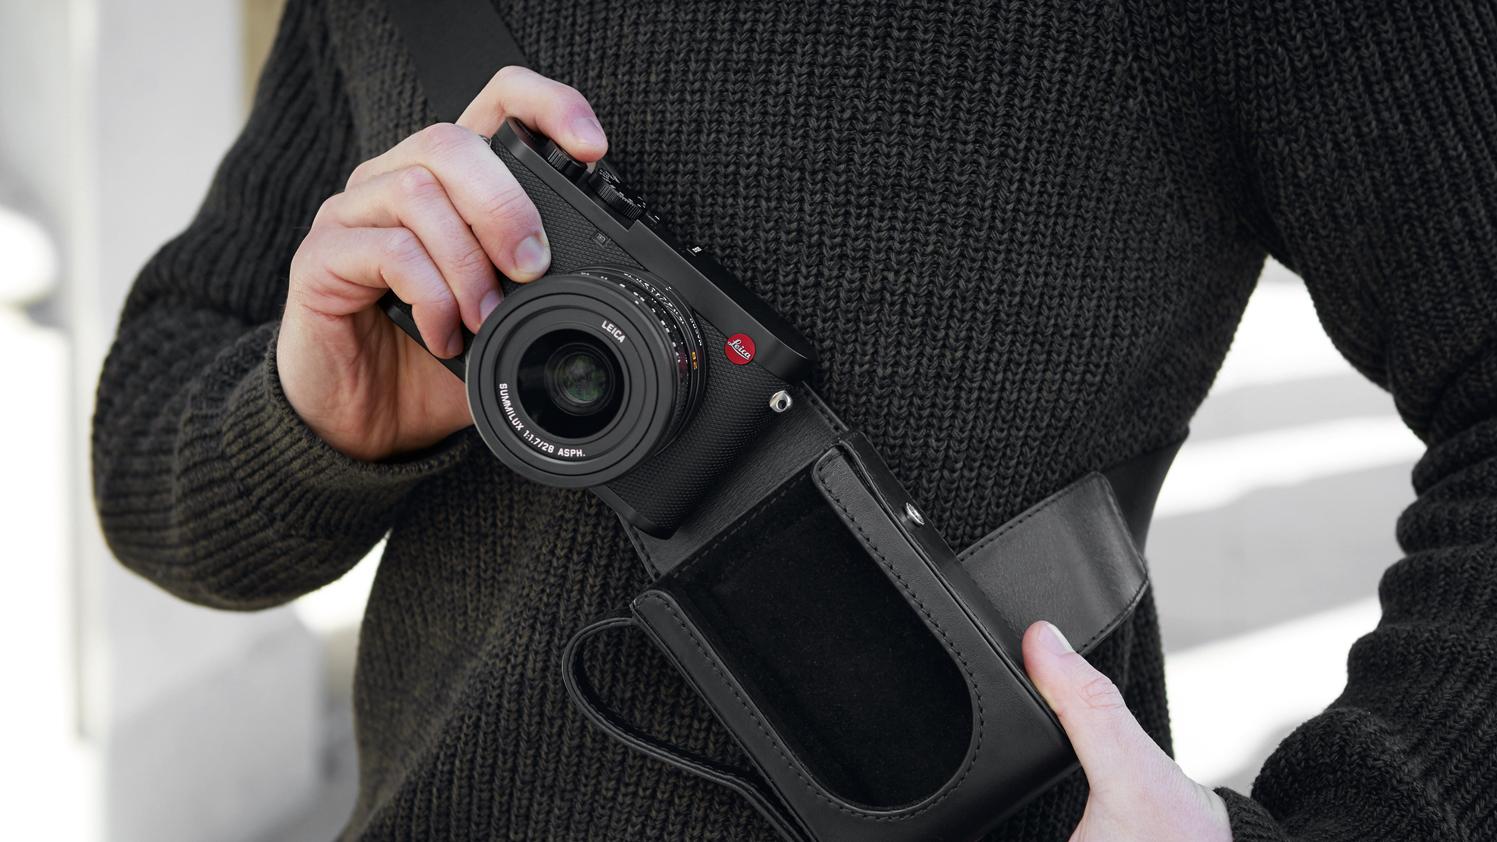 Best premium compact camera: Leica Q2